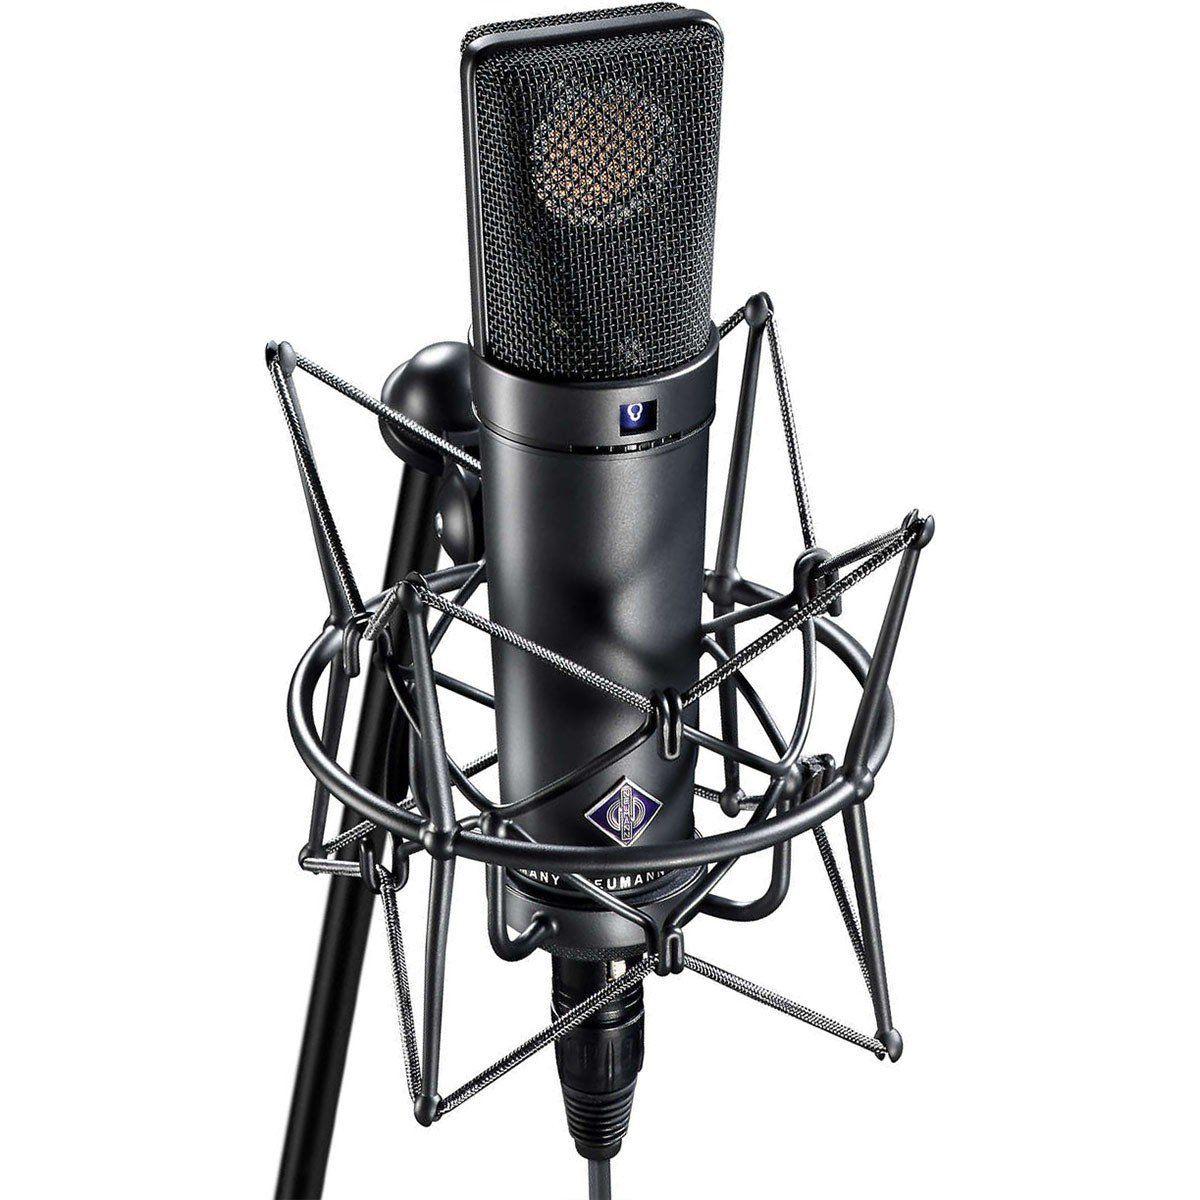 Neumann U89 i Microfone Condensador Neumann U89-i Profissional para Estúdio